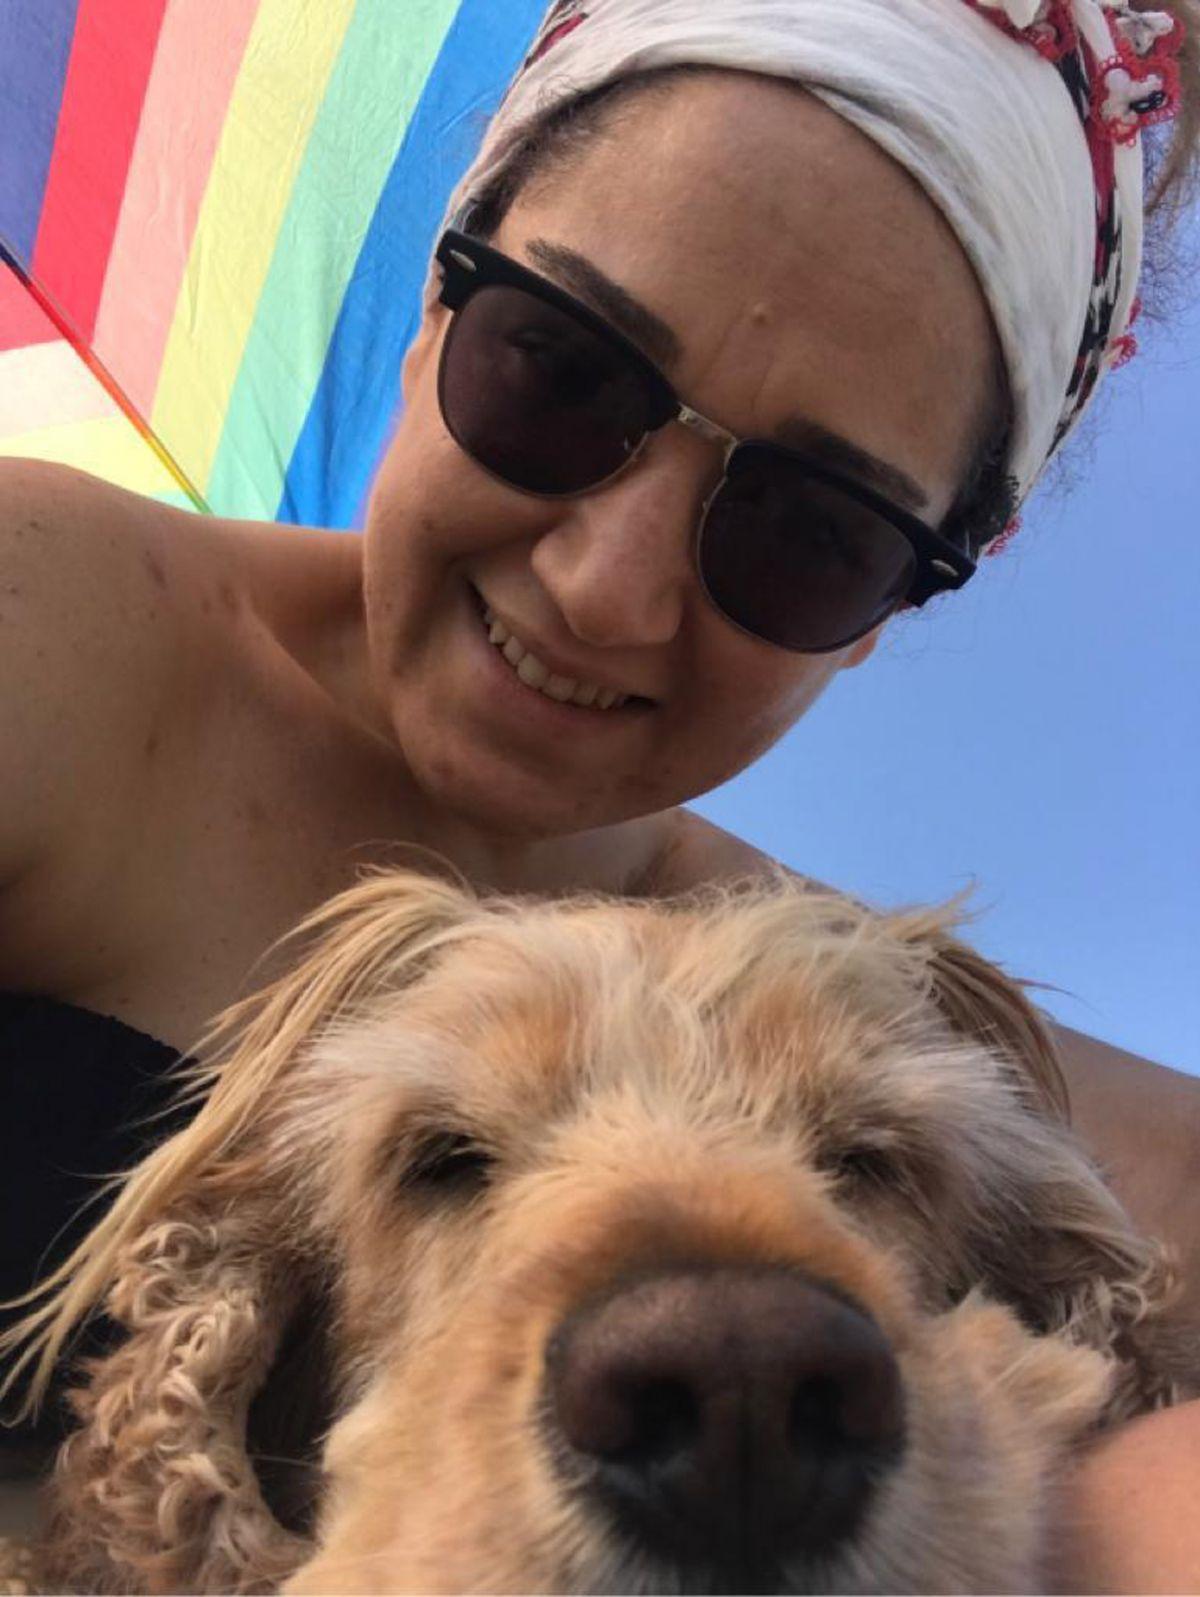 Antalya daki köpek, artık yaşamadığı evden uzaklaştırıldı #2